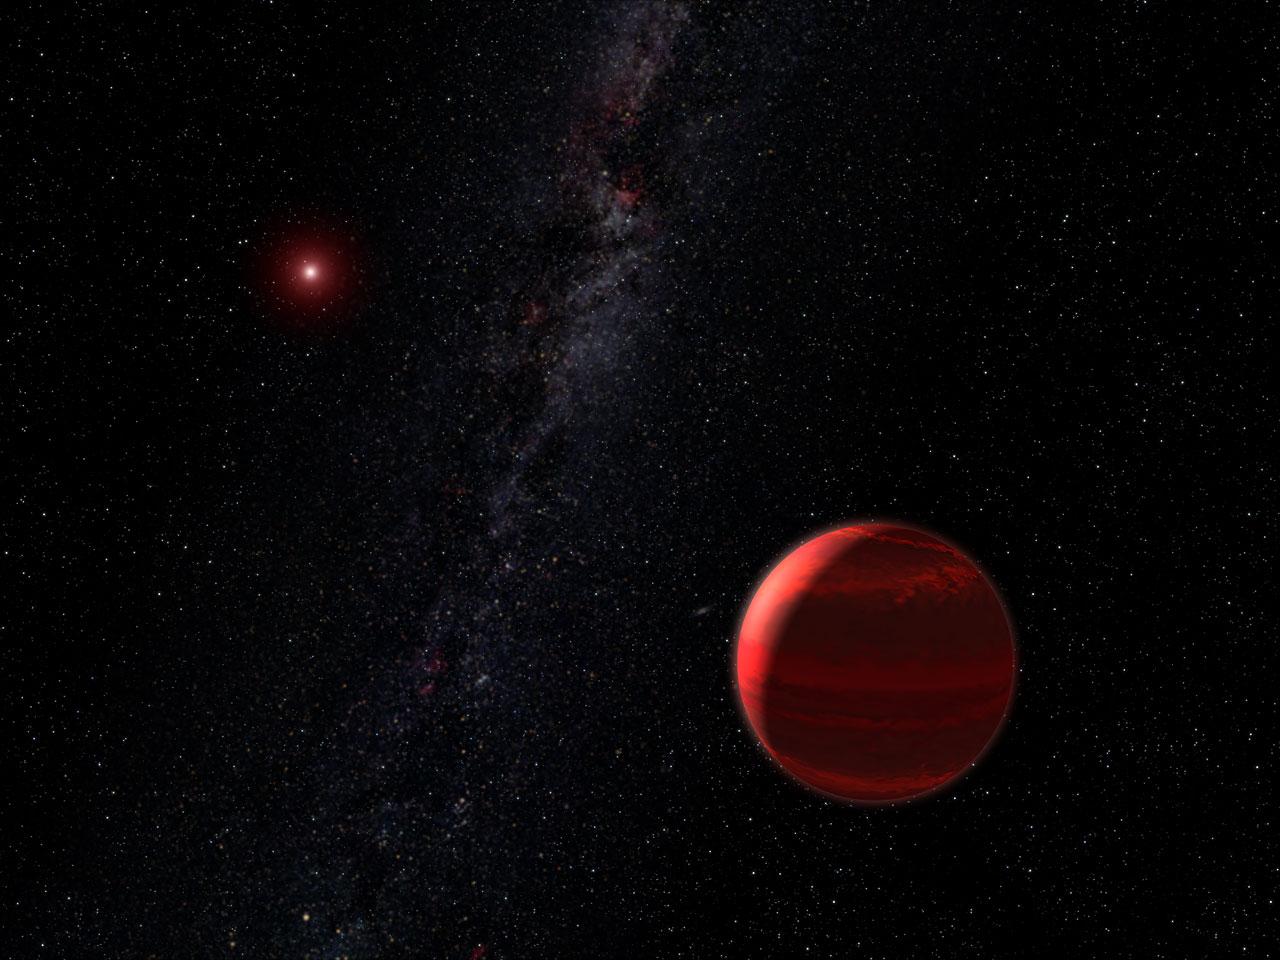 Red dwarf star size